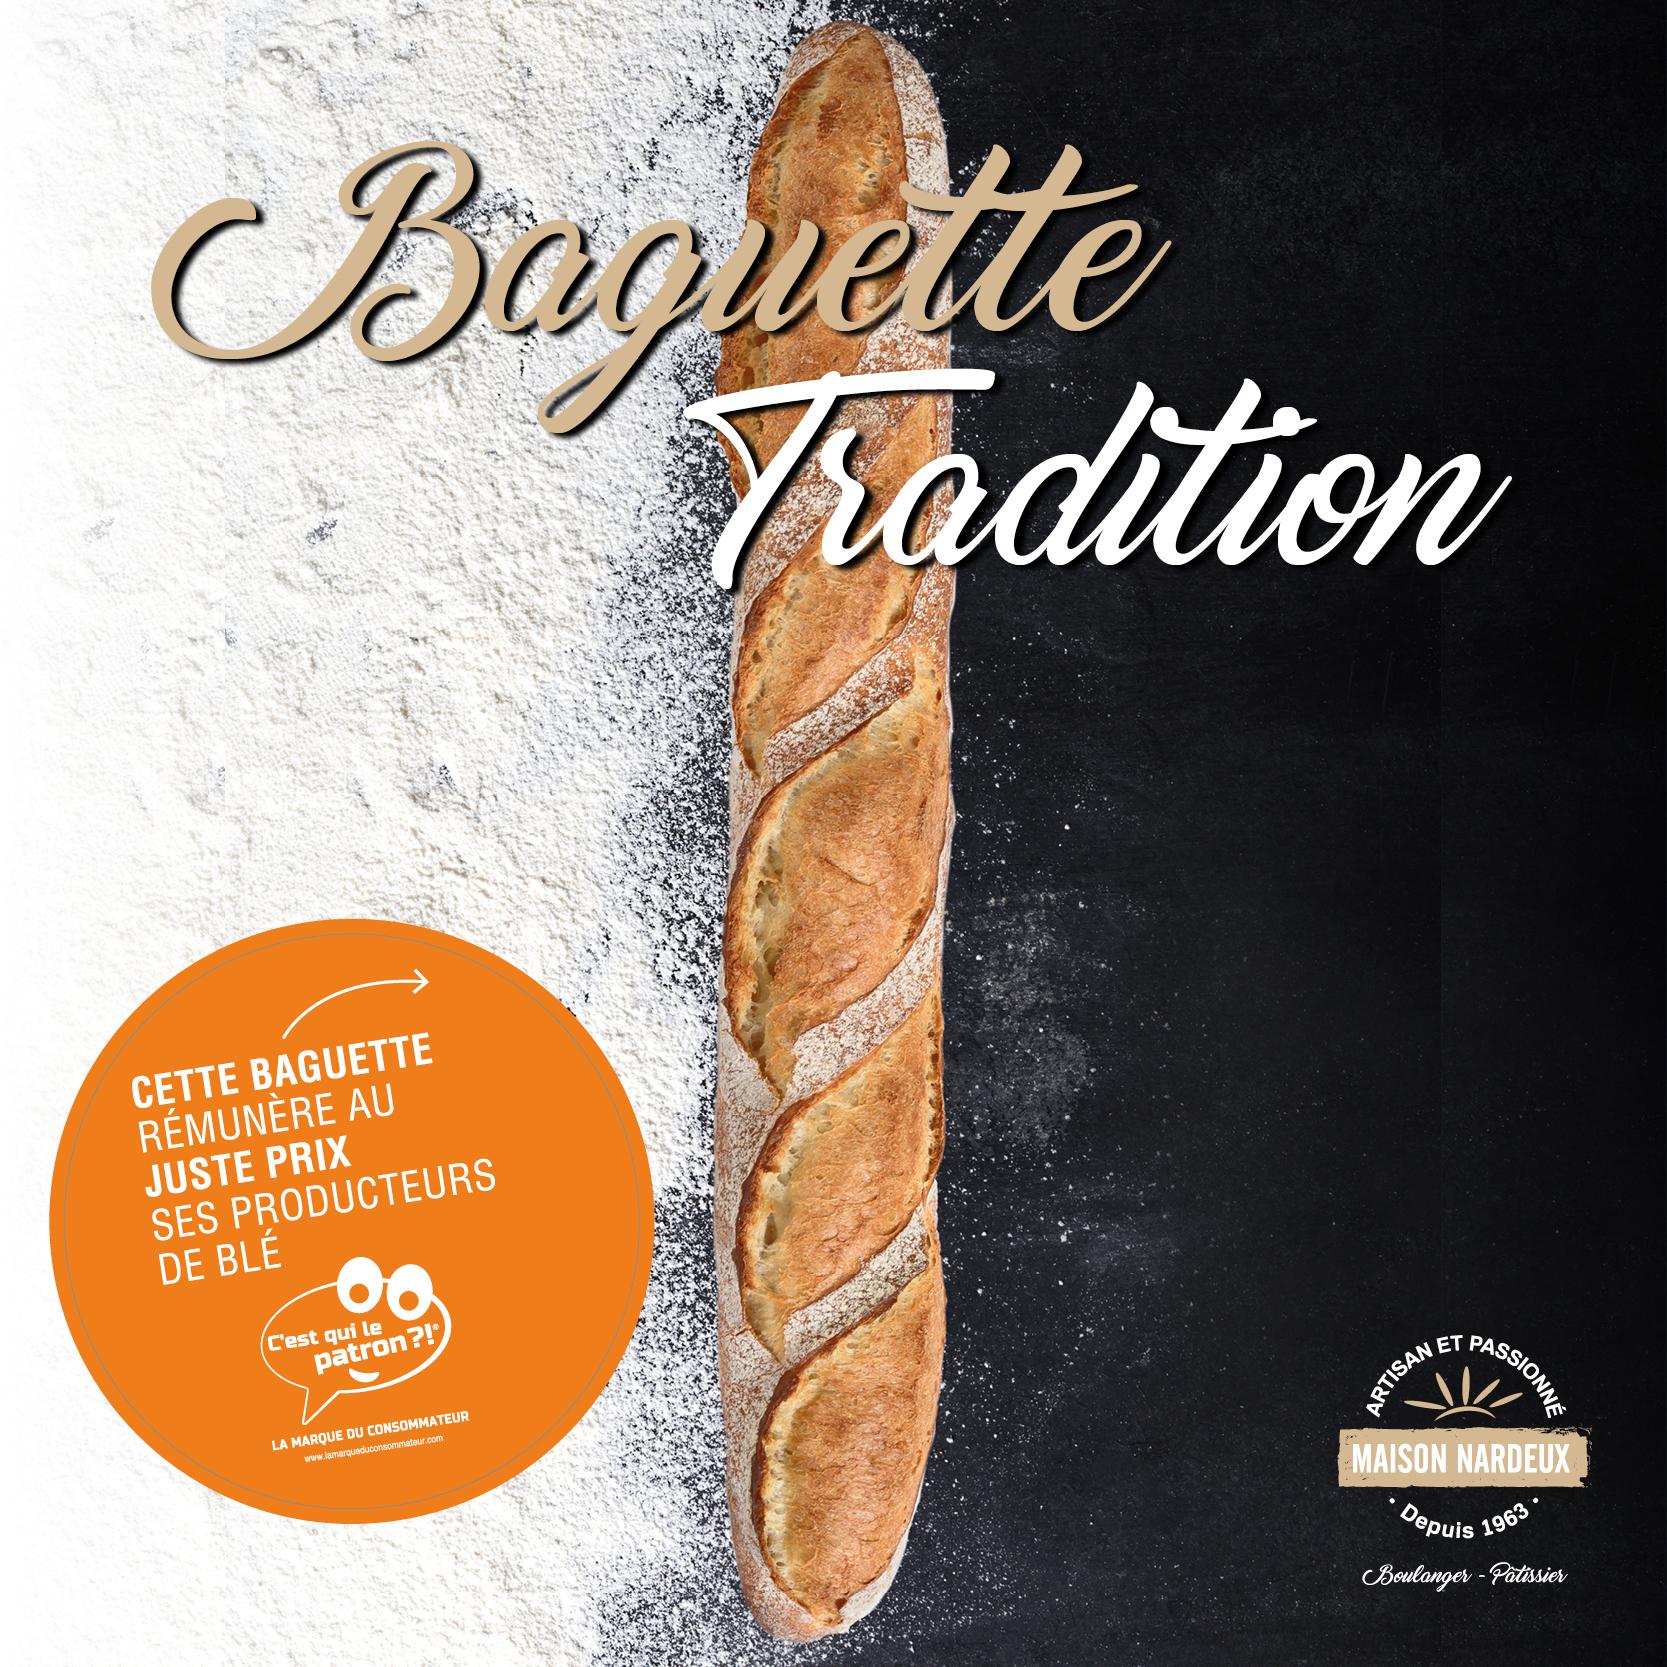 """La Baguette Tradition """"C'est qui le Patron ?!"""" arrive dans vos boulangeries Maison Nardeux !"""